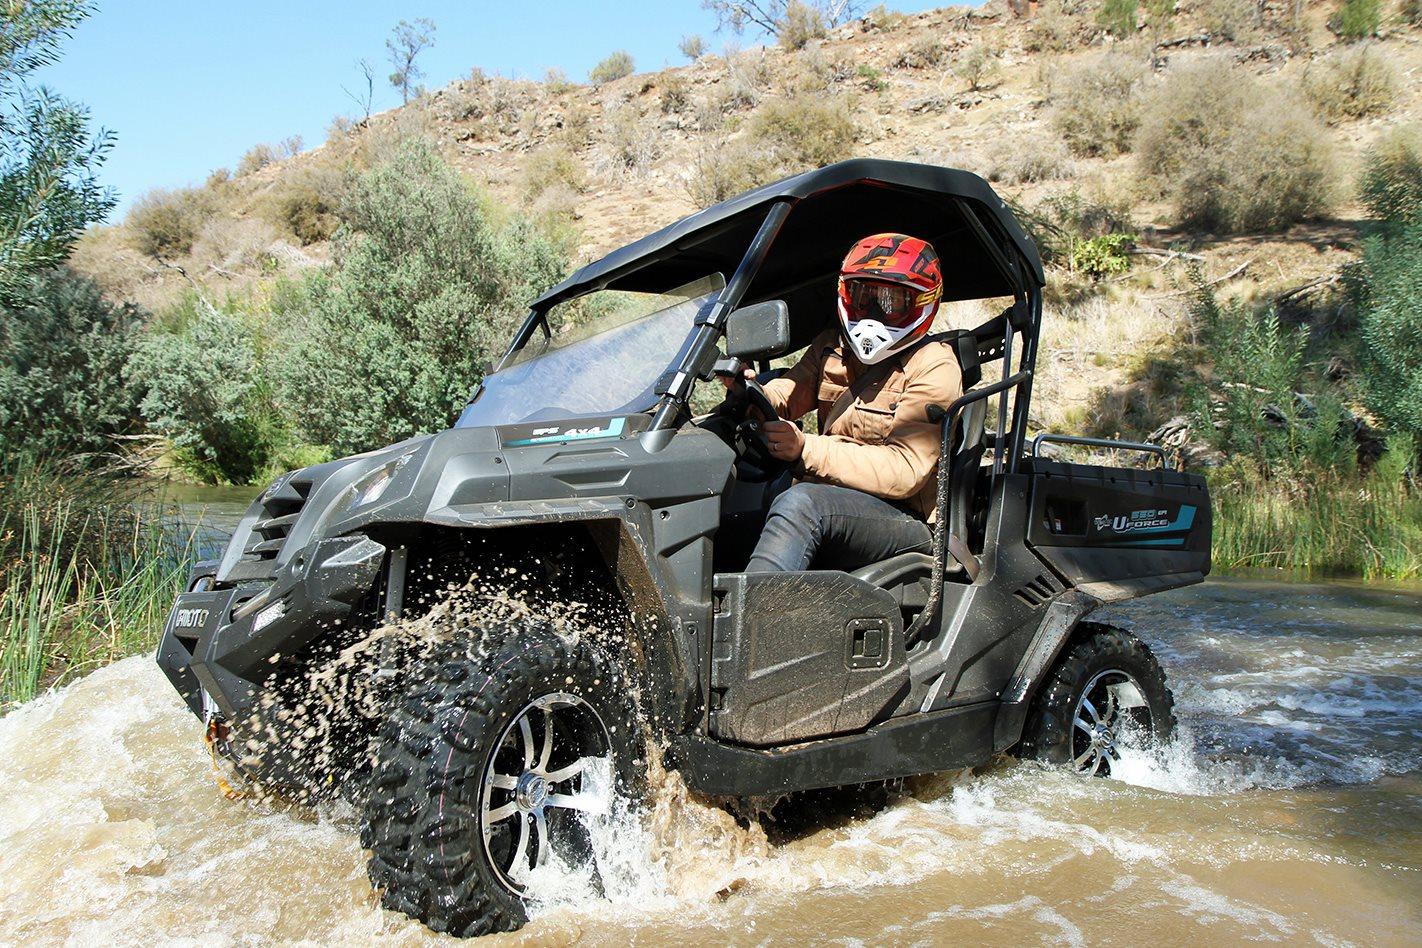 Product test | CFMoto X550 ATV and U550 UTV